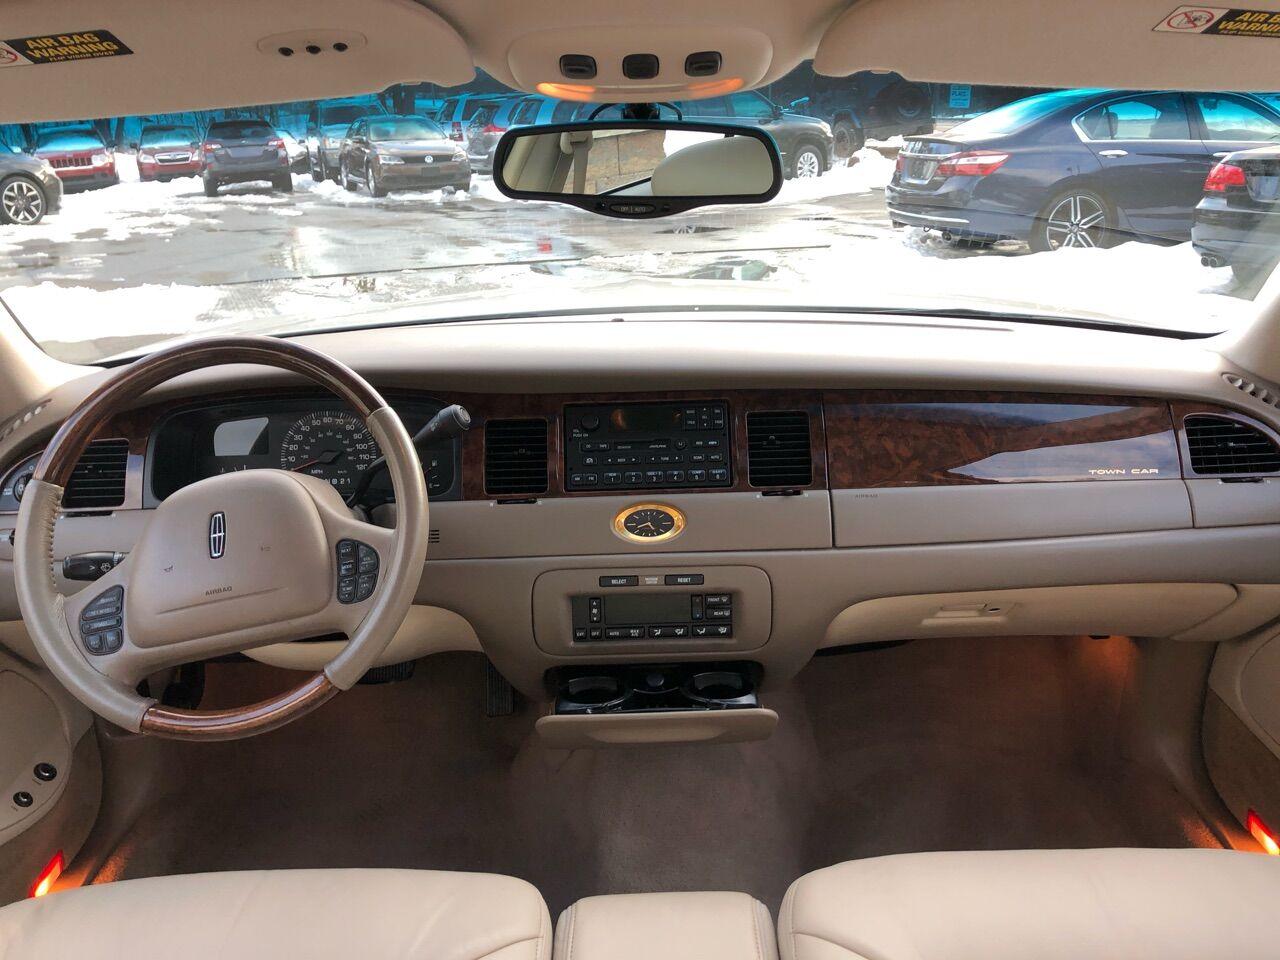 2000 Lincoln Town Car 4dr Car